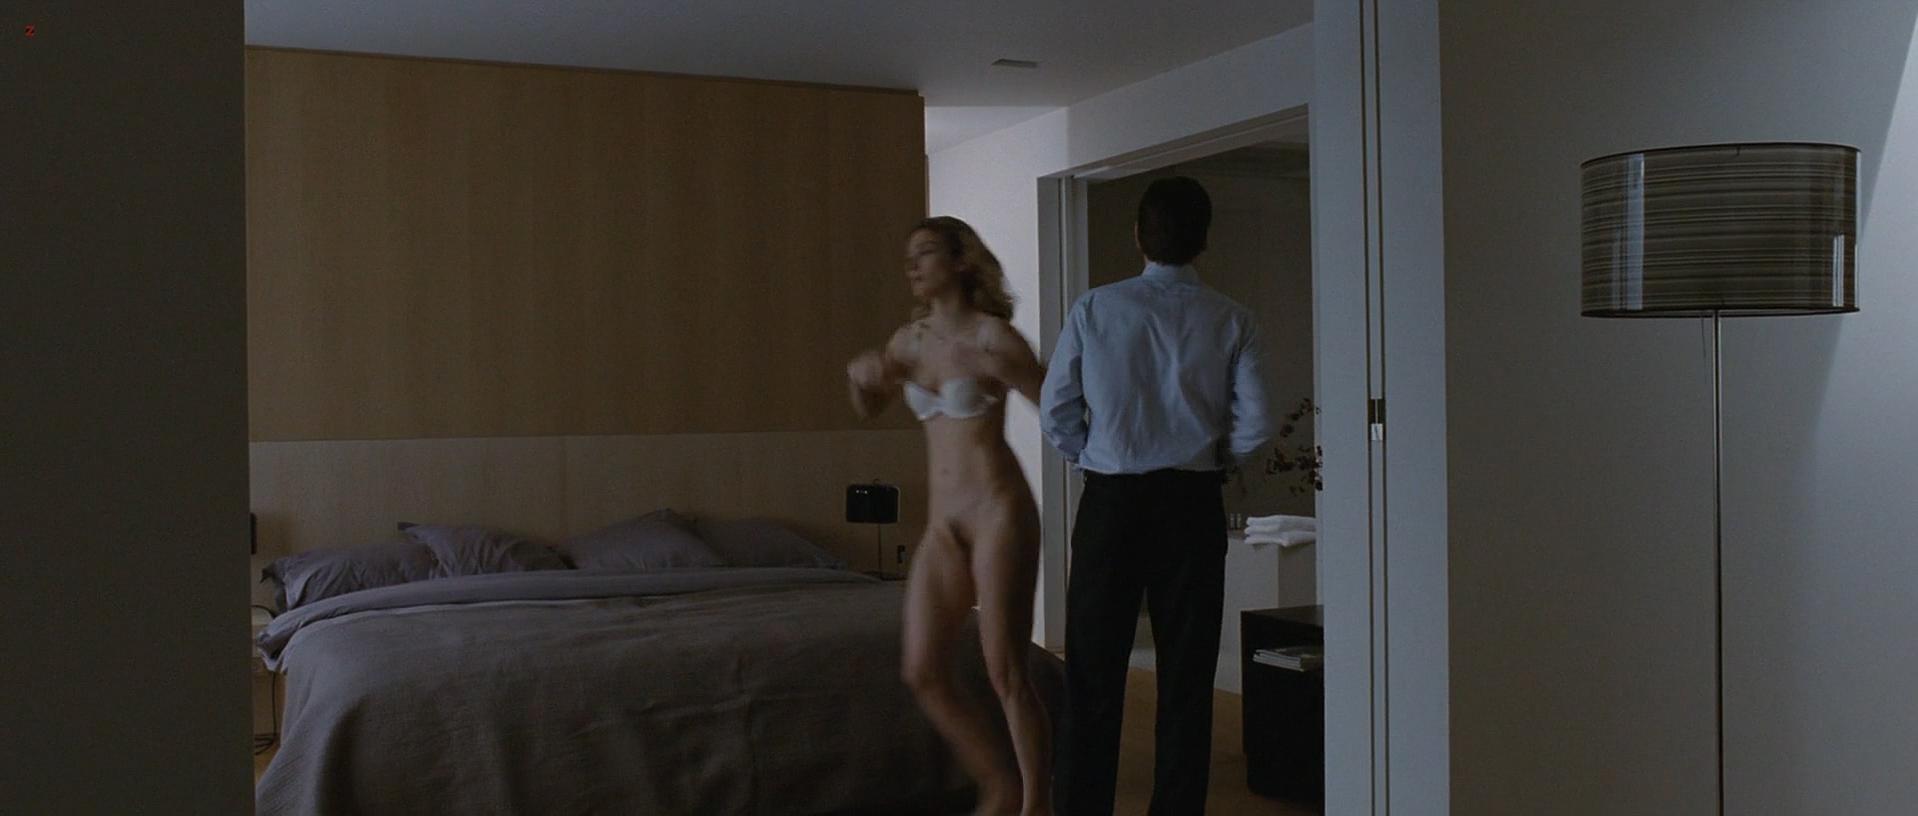 Julie Gayet nude - Sans laisser de traces (2010)